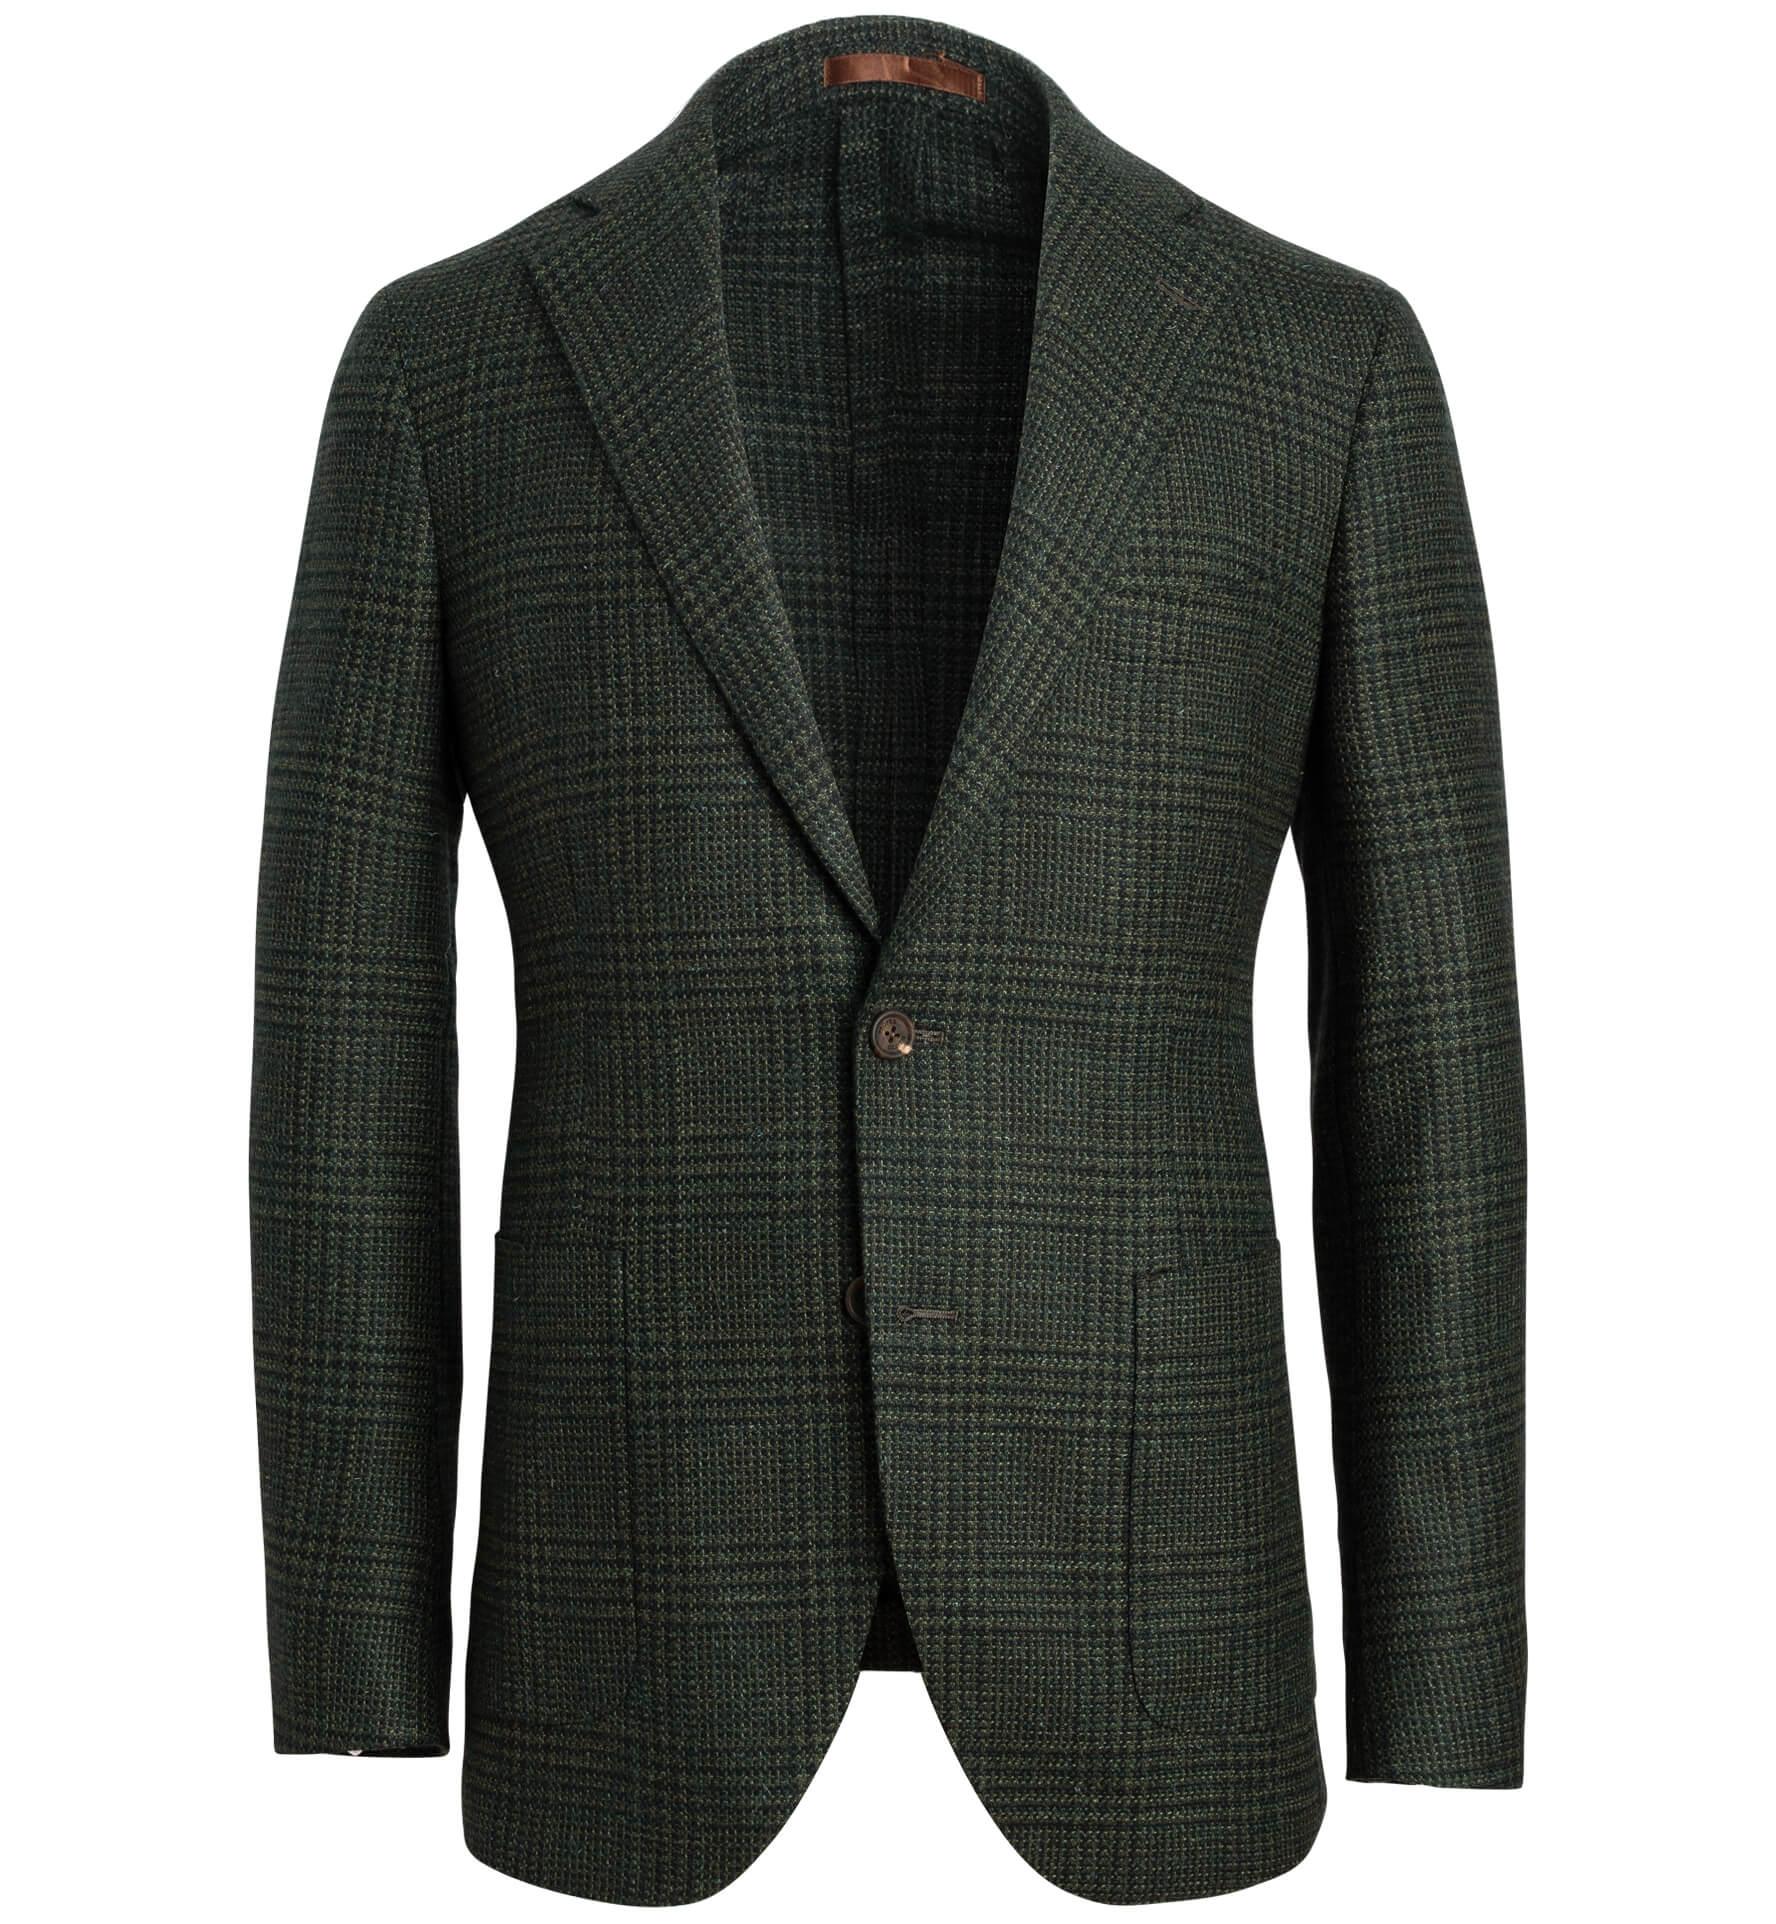 Zoom Image of Bedford Pine Glen Plaid Wool and Alpaca Jacket